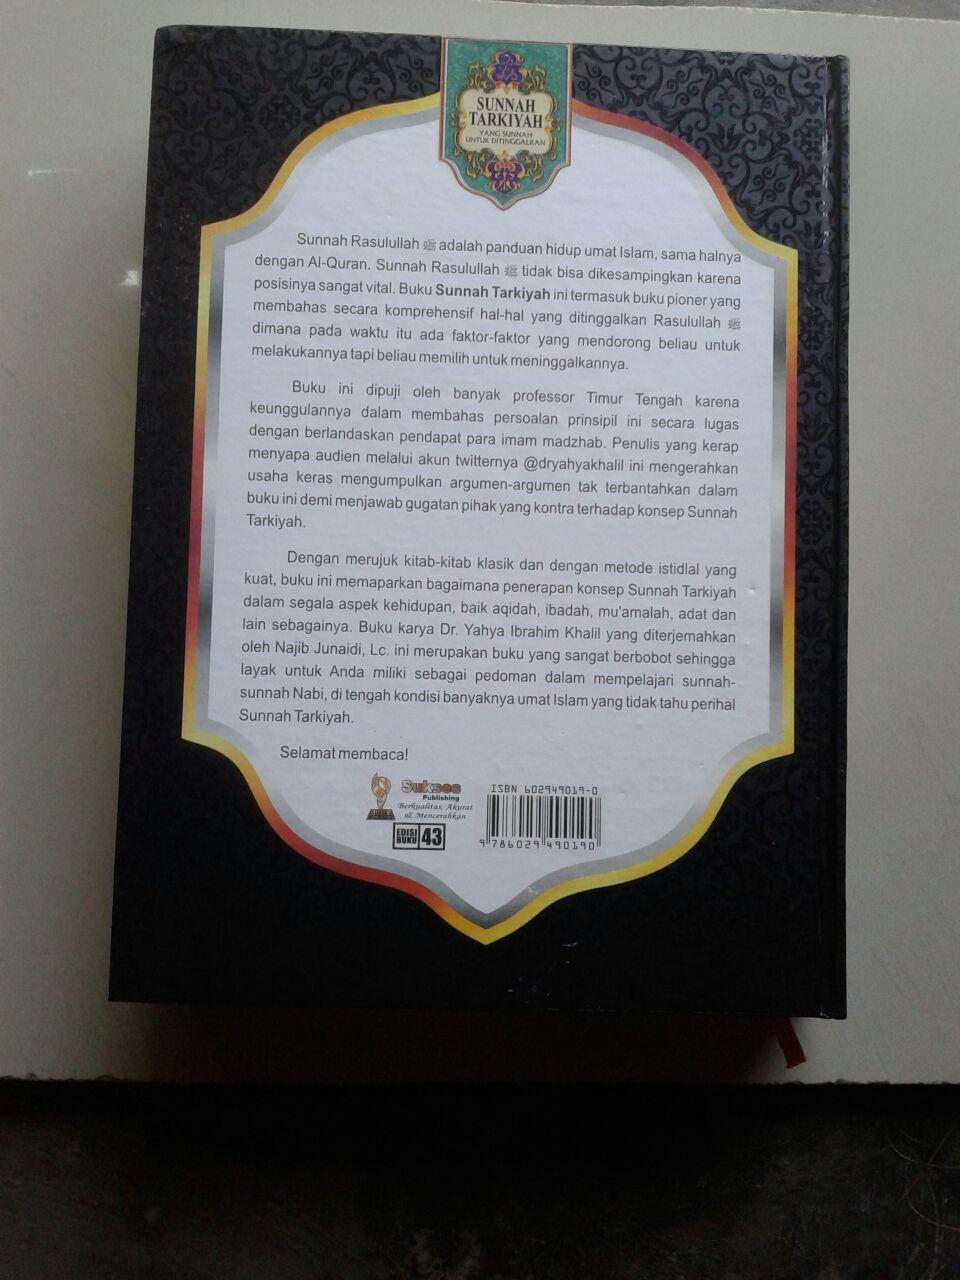 Buku Sunnah Tarkiyah Yang Sunnah Untuk Ditinggalkan cover